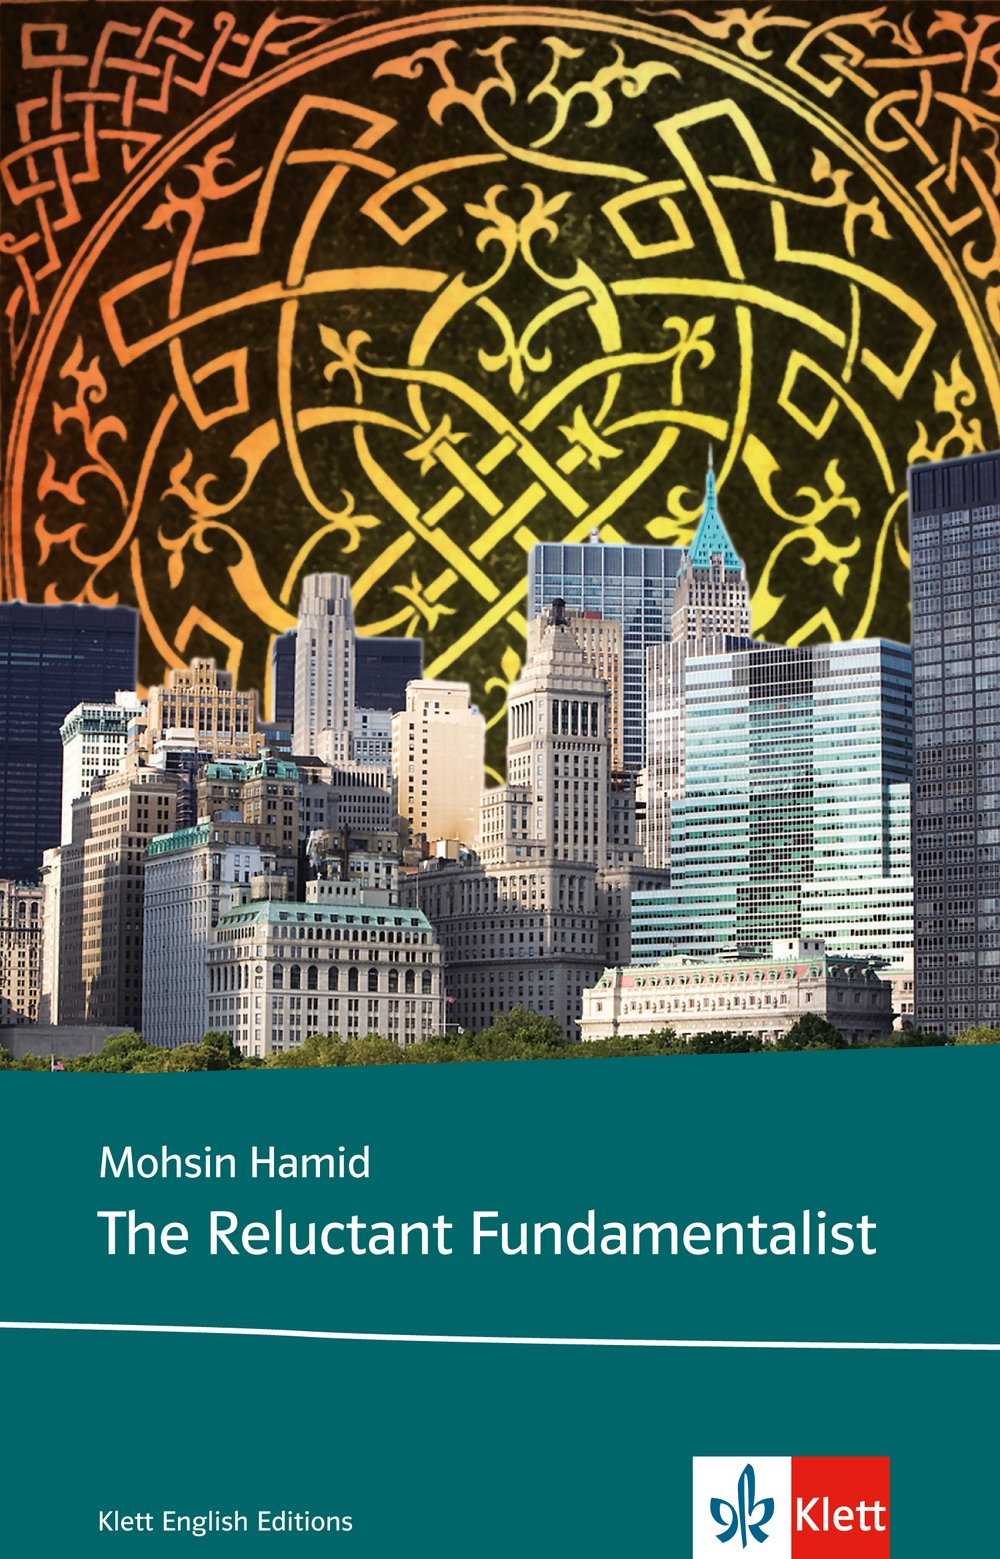 the-reluctant-fundamentalist-schulausgabe-fr-das-niveau-c1-ab-dem-6-lernjahr-ungekrzter-englischer-originaltext-mit-annotationen-klett-english-editions